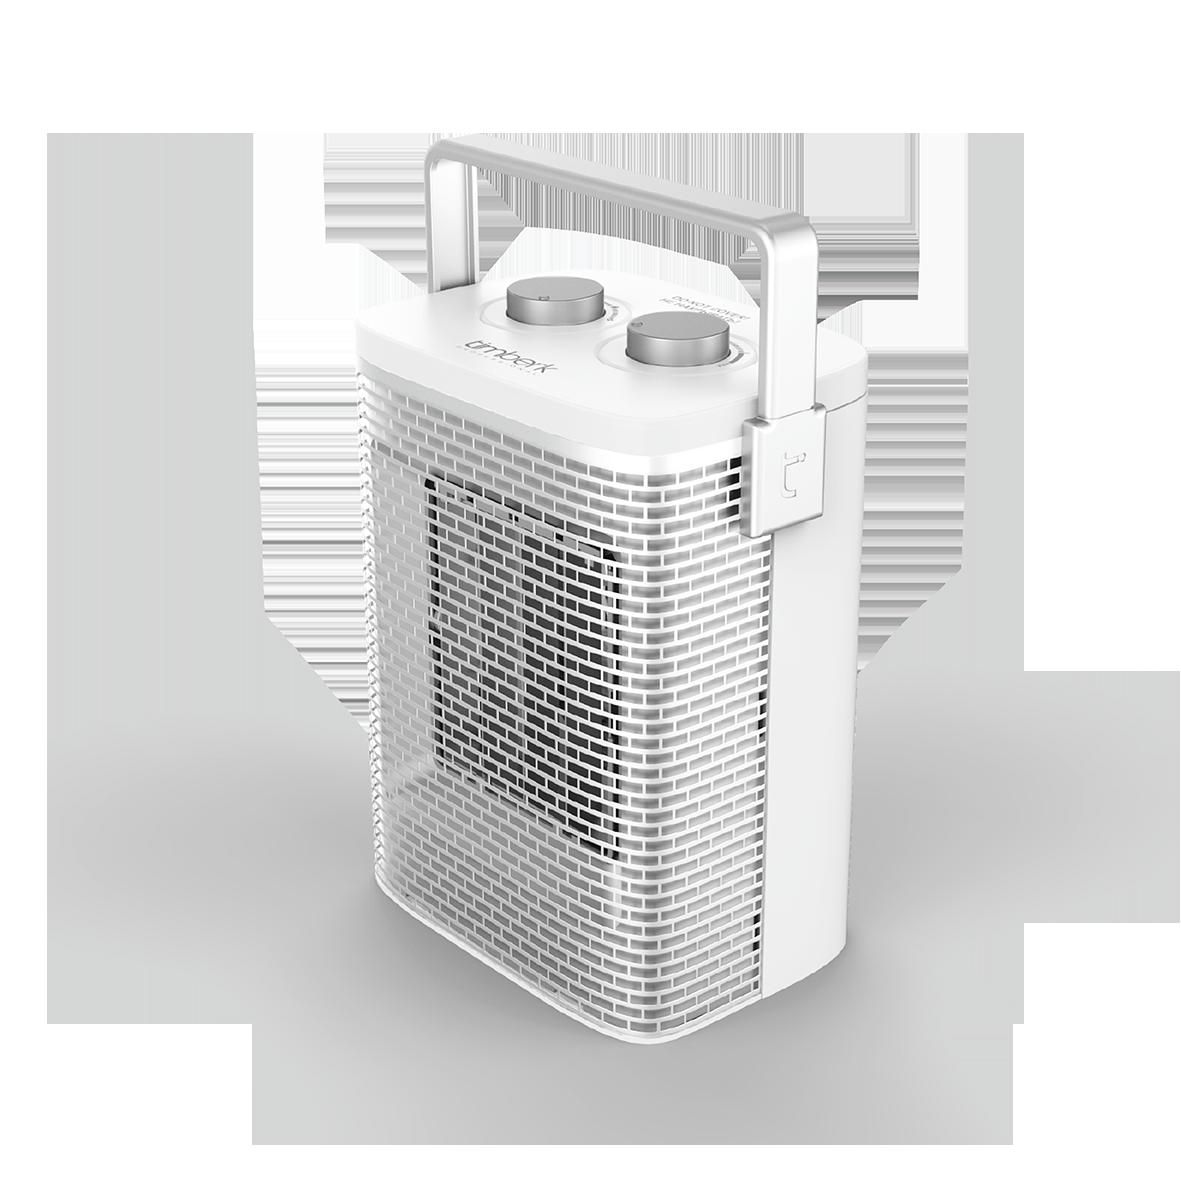 Тепловентилятор Timberk TFH T15PDS.XОбогреватели<br><br><br>Тип: термовентилятор<br>Тип нагревательного элемента: керамический нагреватель<br>Площадь обогрева, кв.м: 15<br>Вентиляция без нагрева: есть<br>Отключение при перегреве: есть<br>Вентилятор : есть<br>Управление: механическое<br>Напольная установка: есть<br>Ручка для перемещения: есть<br>Напряжение: 220/230 В